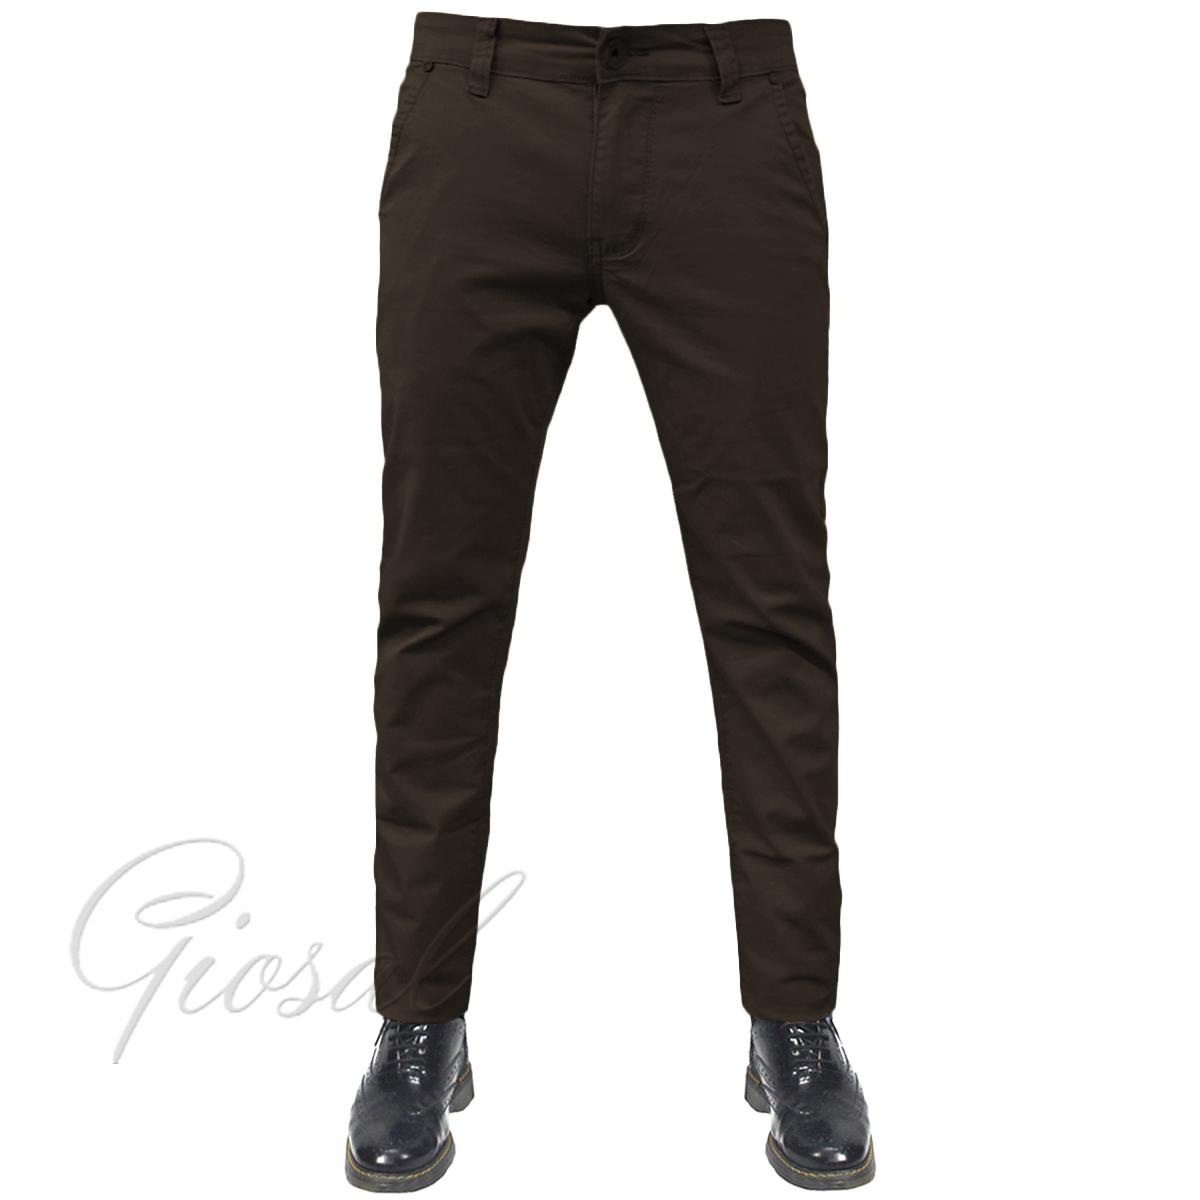 Pantalone-Uomo-Tasca-America-Chino-Slim-Cotone-Elastico-Bottone-Zip-Colori-Va miniatura 18